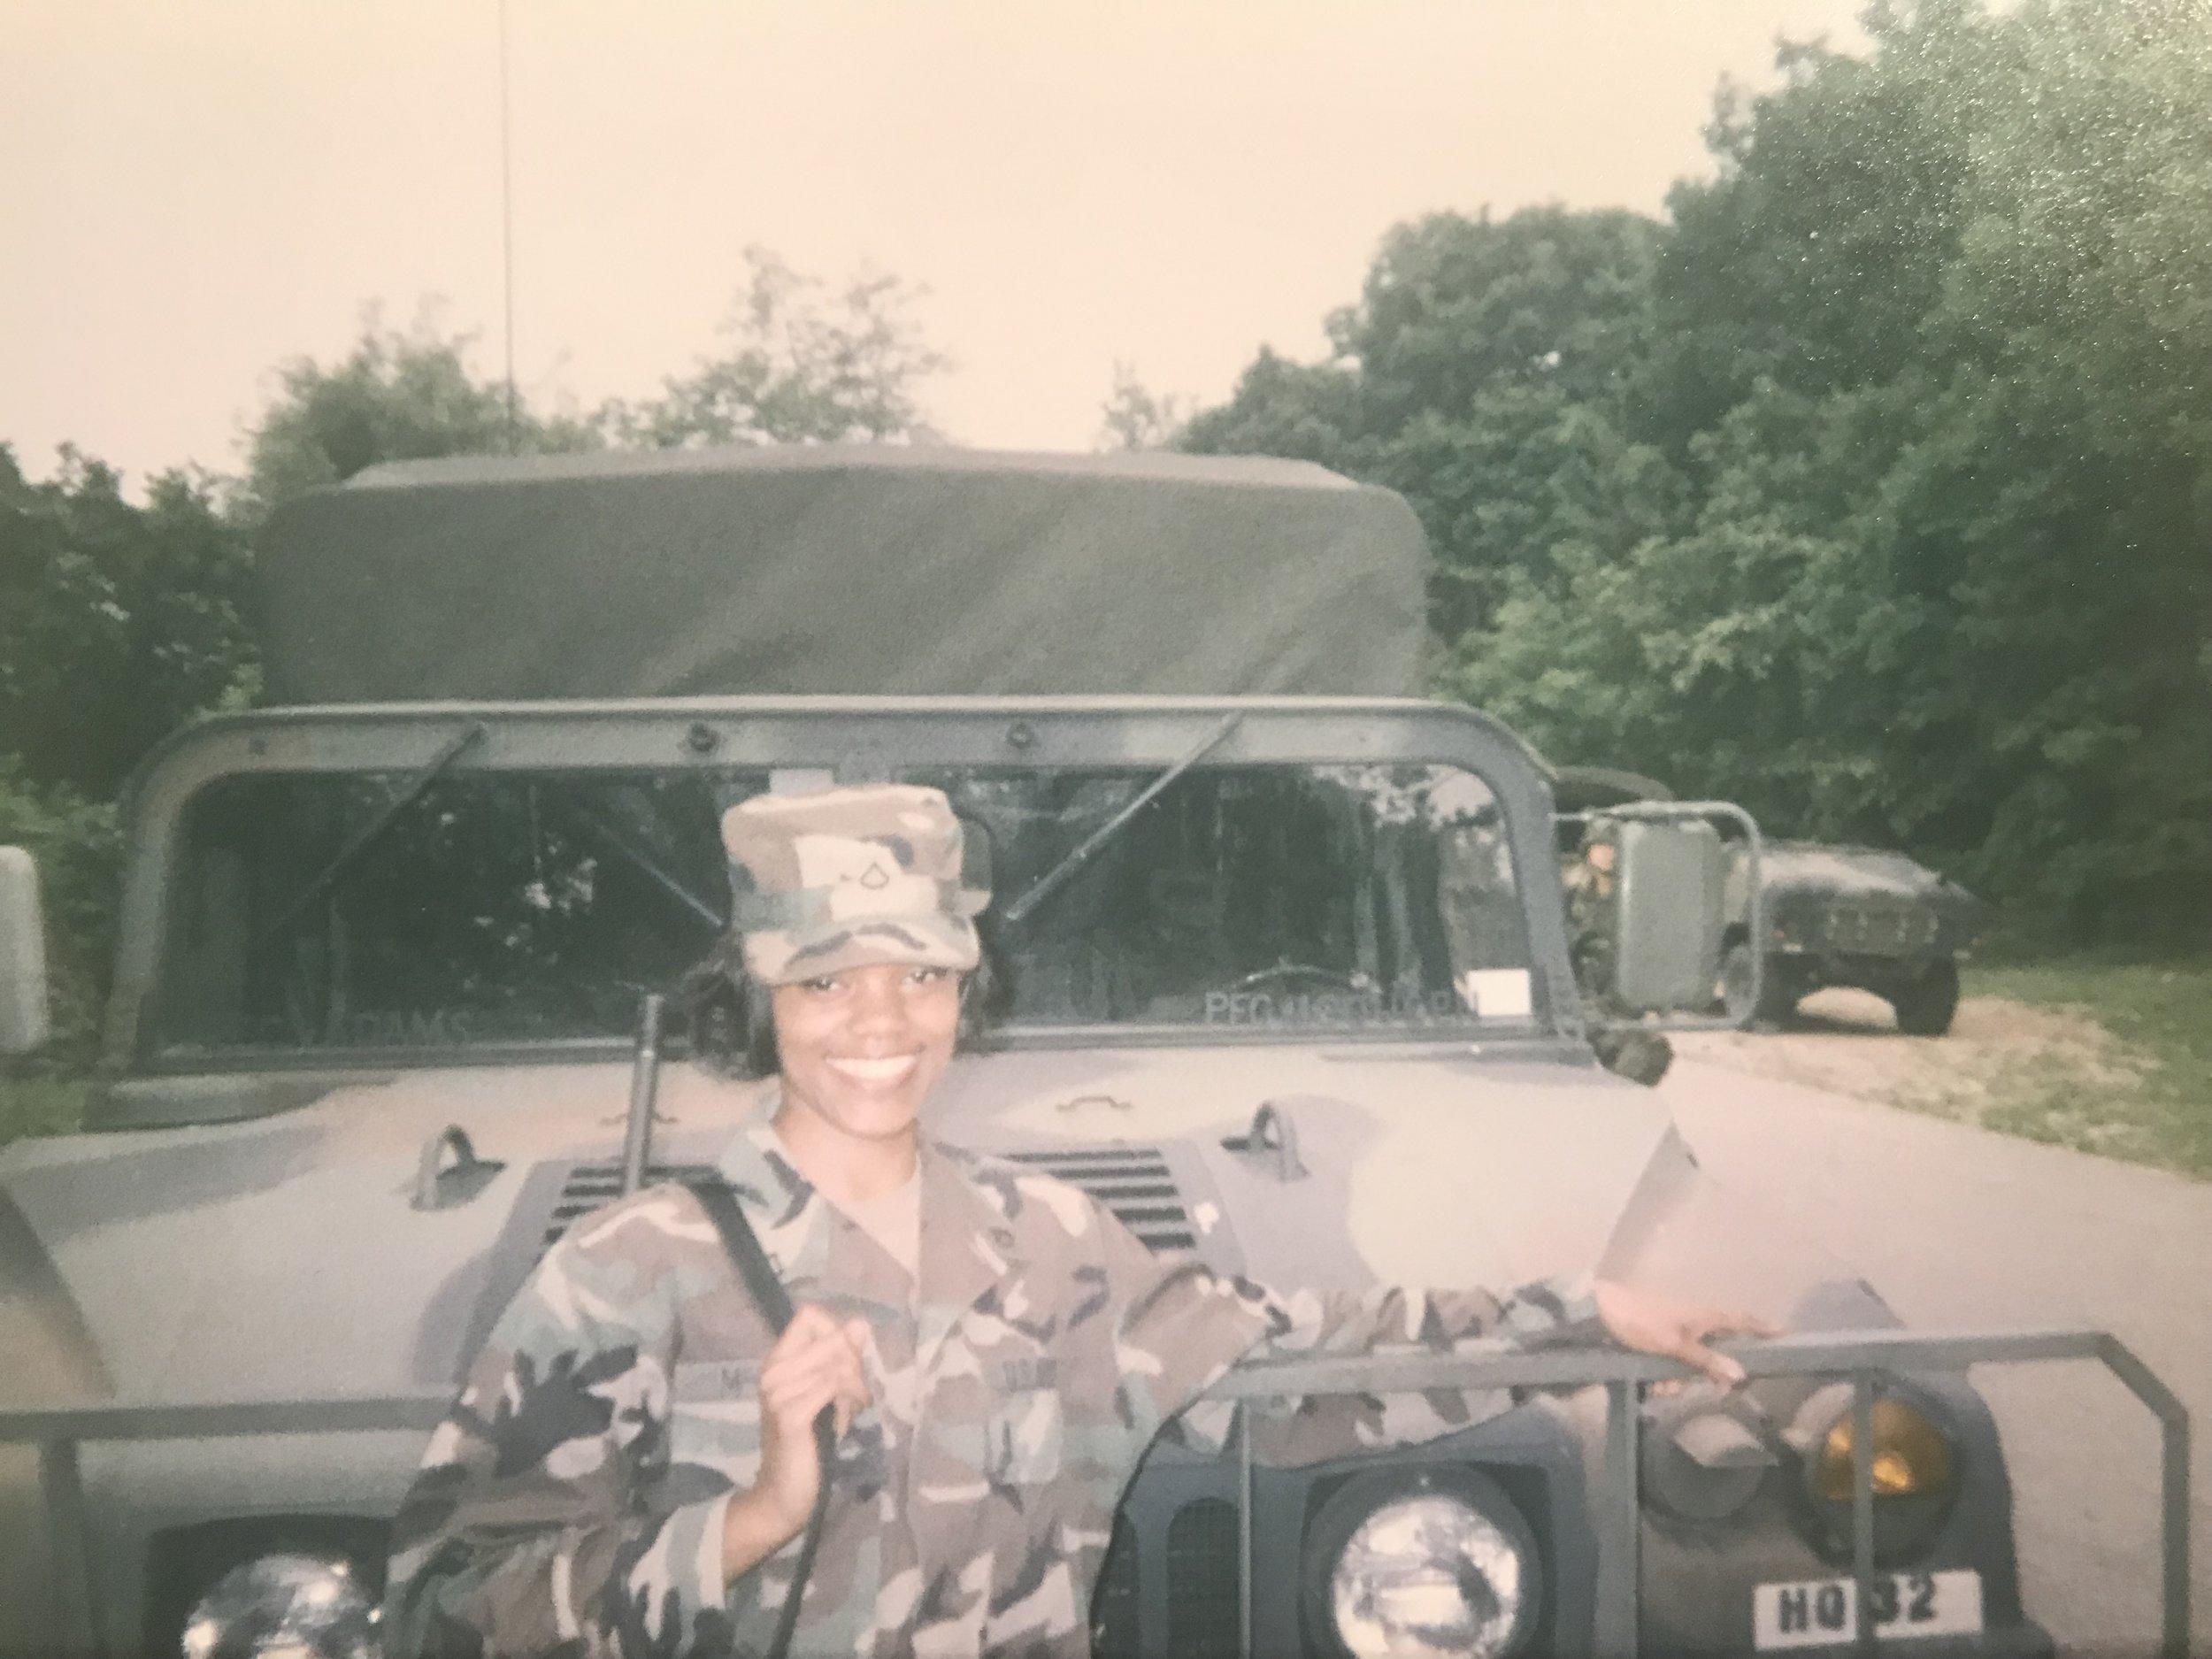 Sherrell, Yongsan Garrison, South Korea, 1999